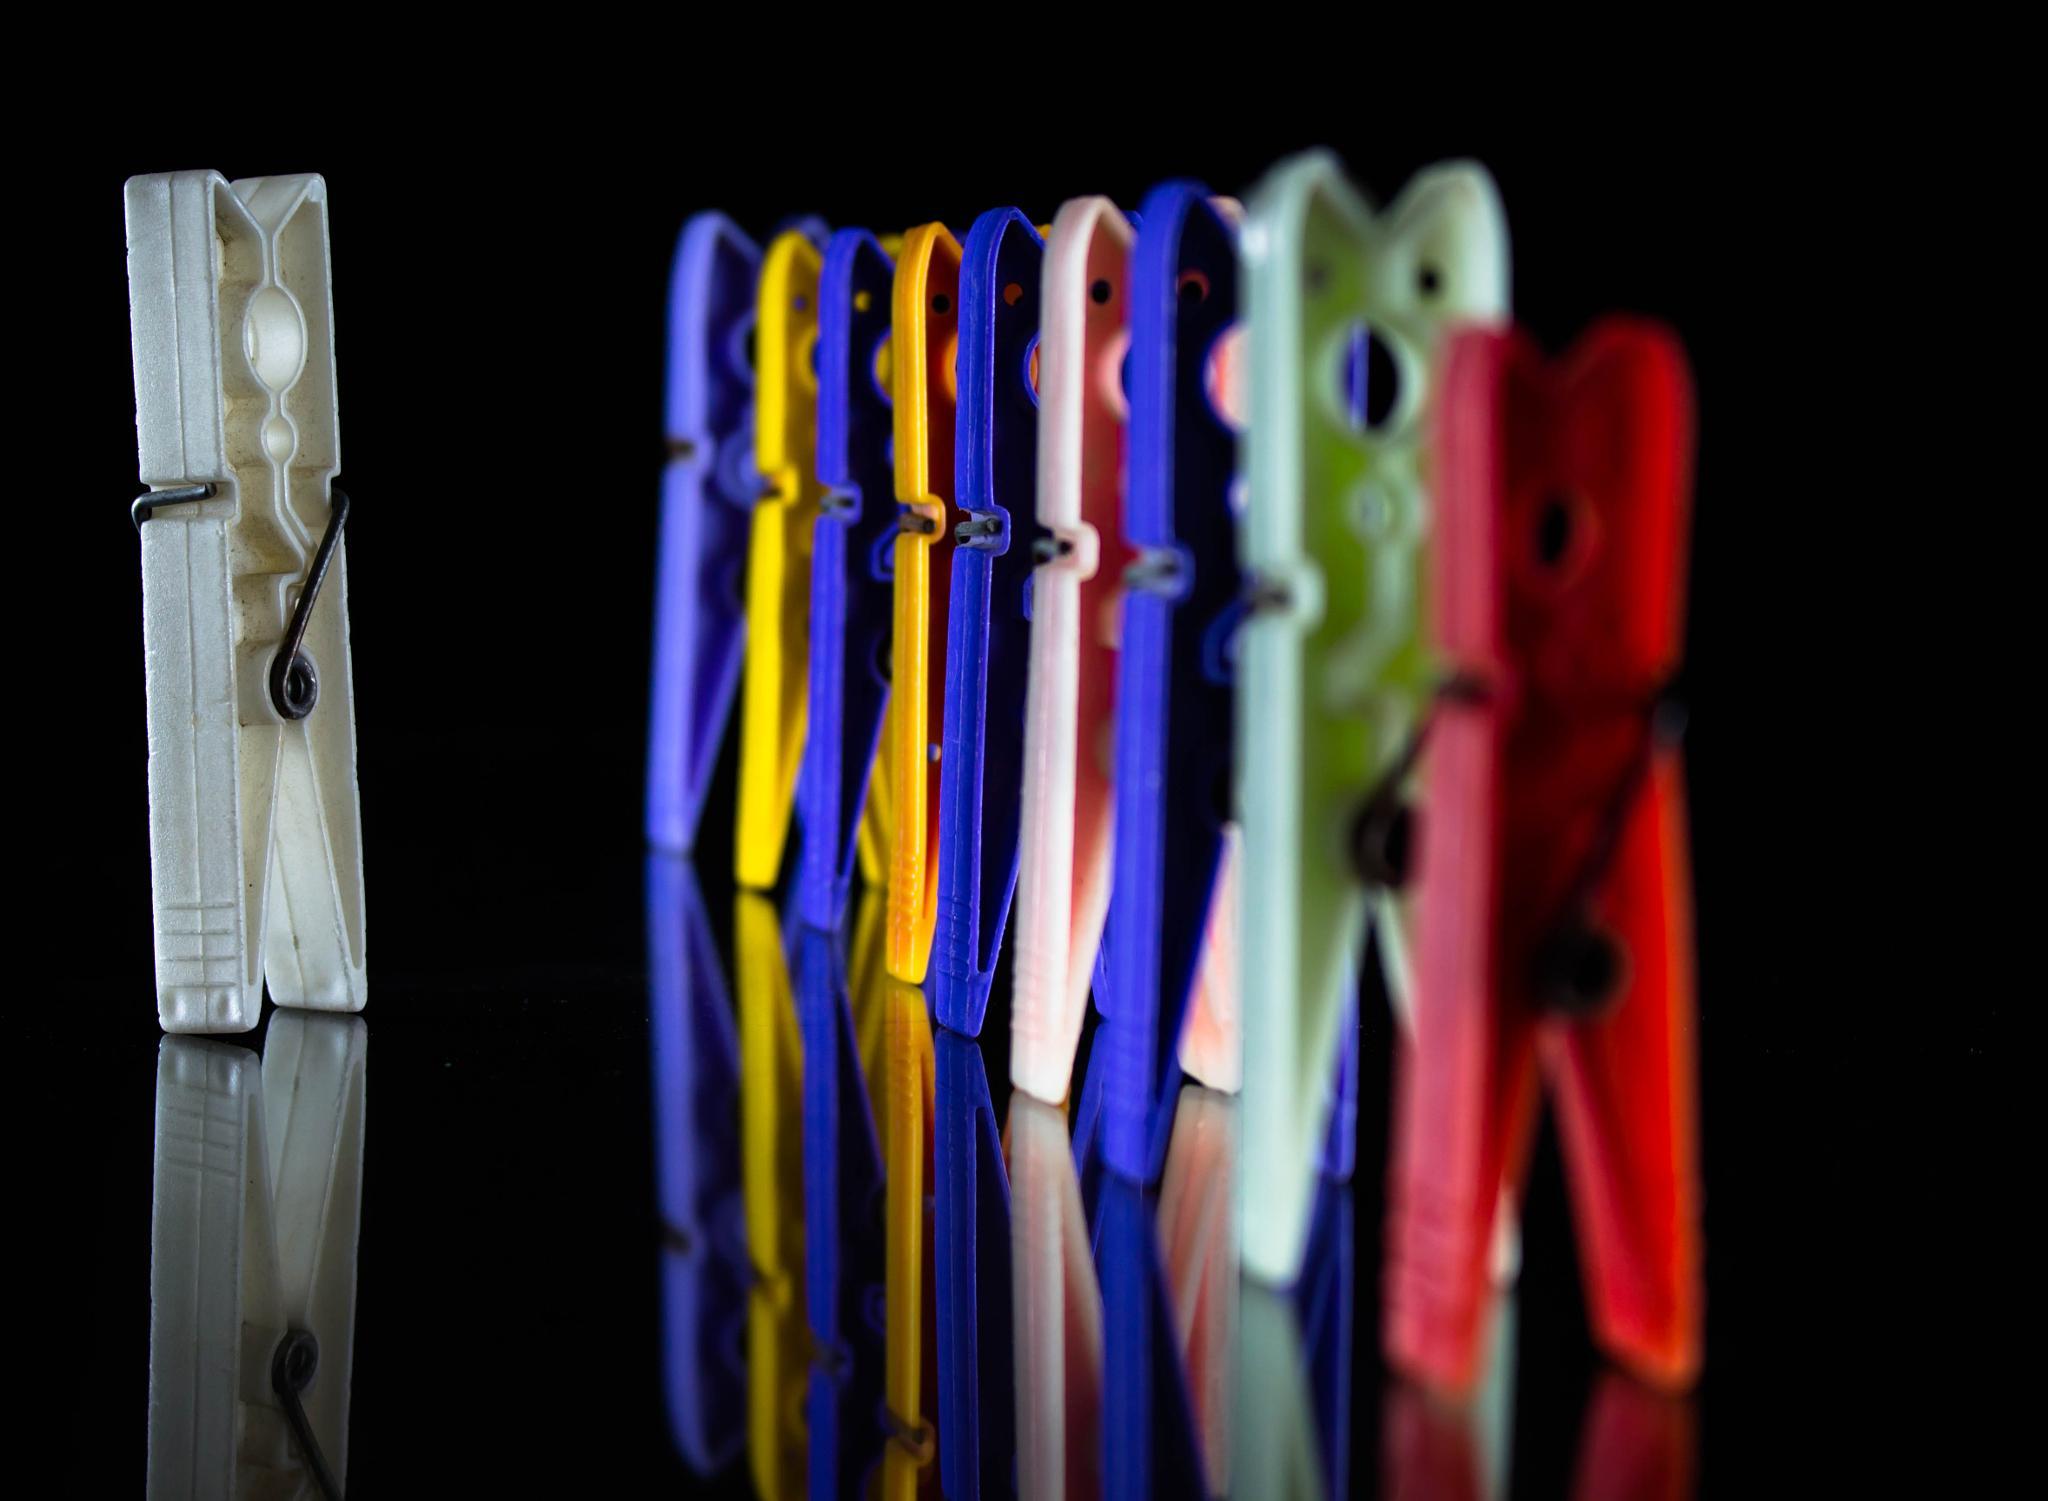 Army of clothespins by Ashraf Sabbah